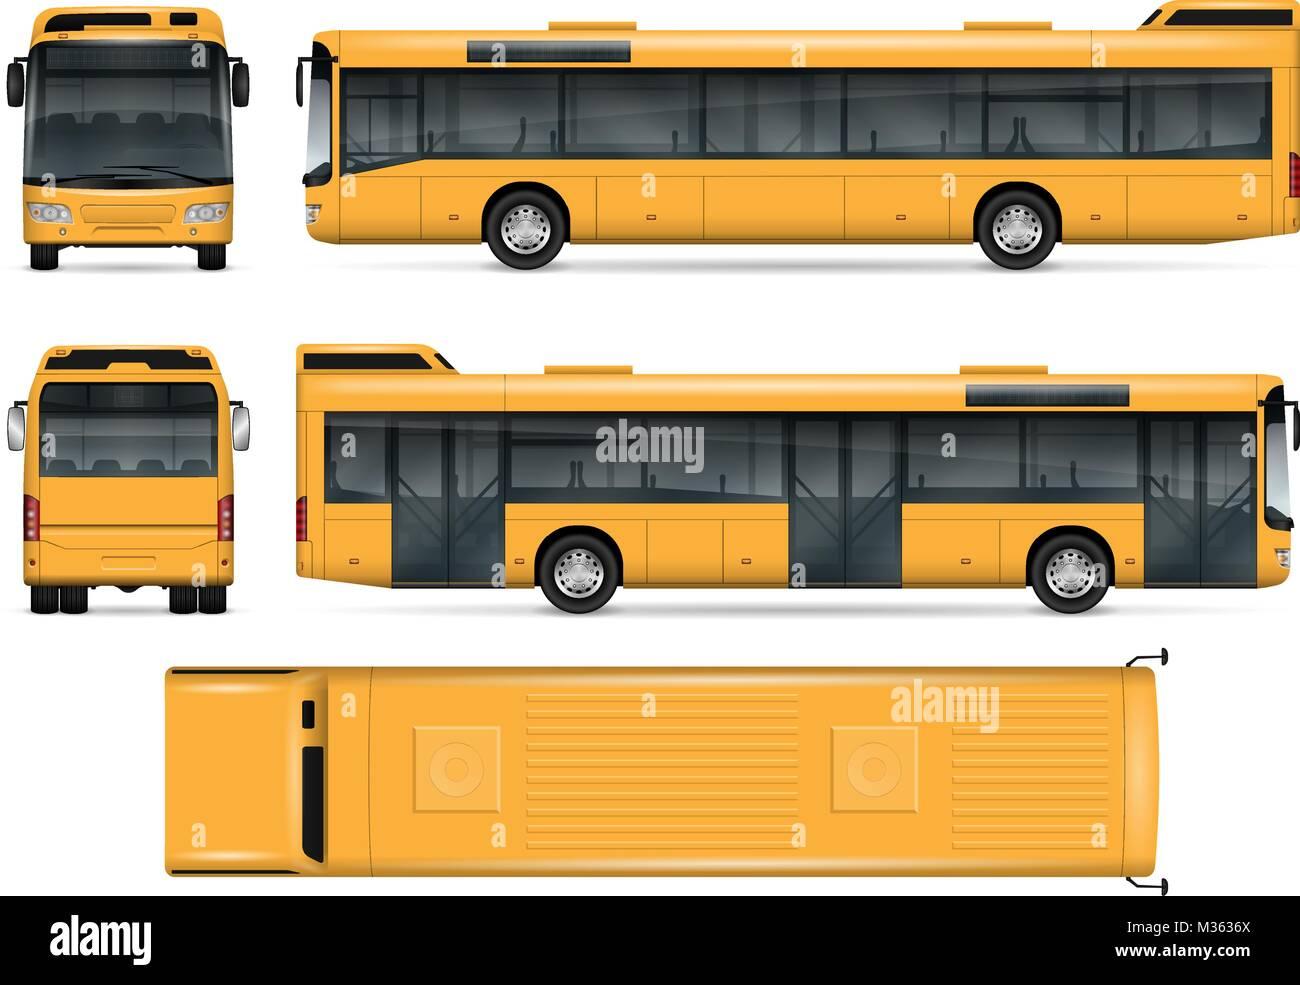 Bus vektor Mock-up. Isolierte Vorlage des Busses auf weißem ...